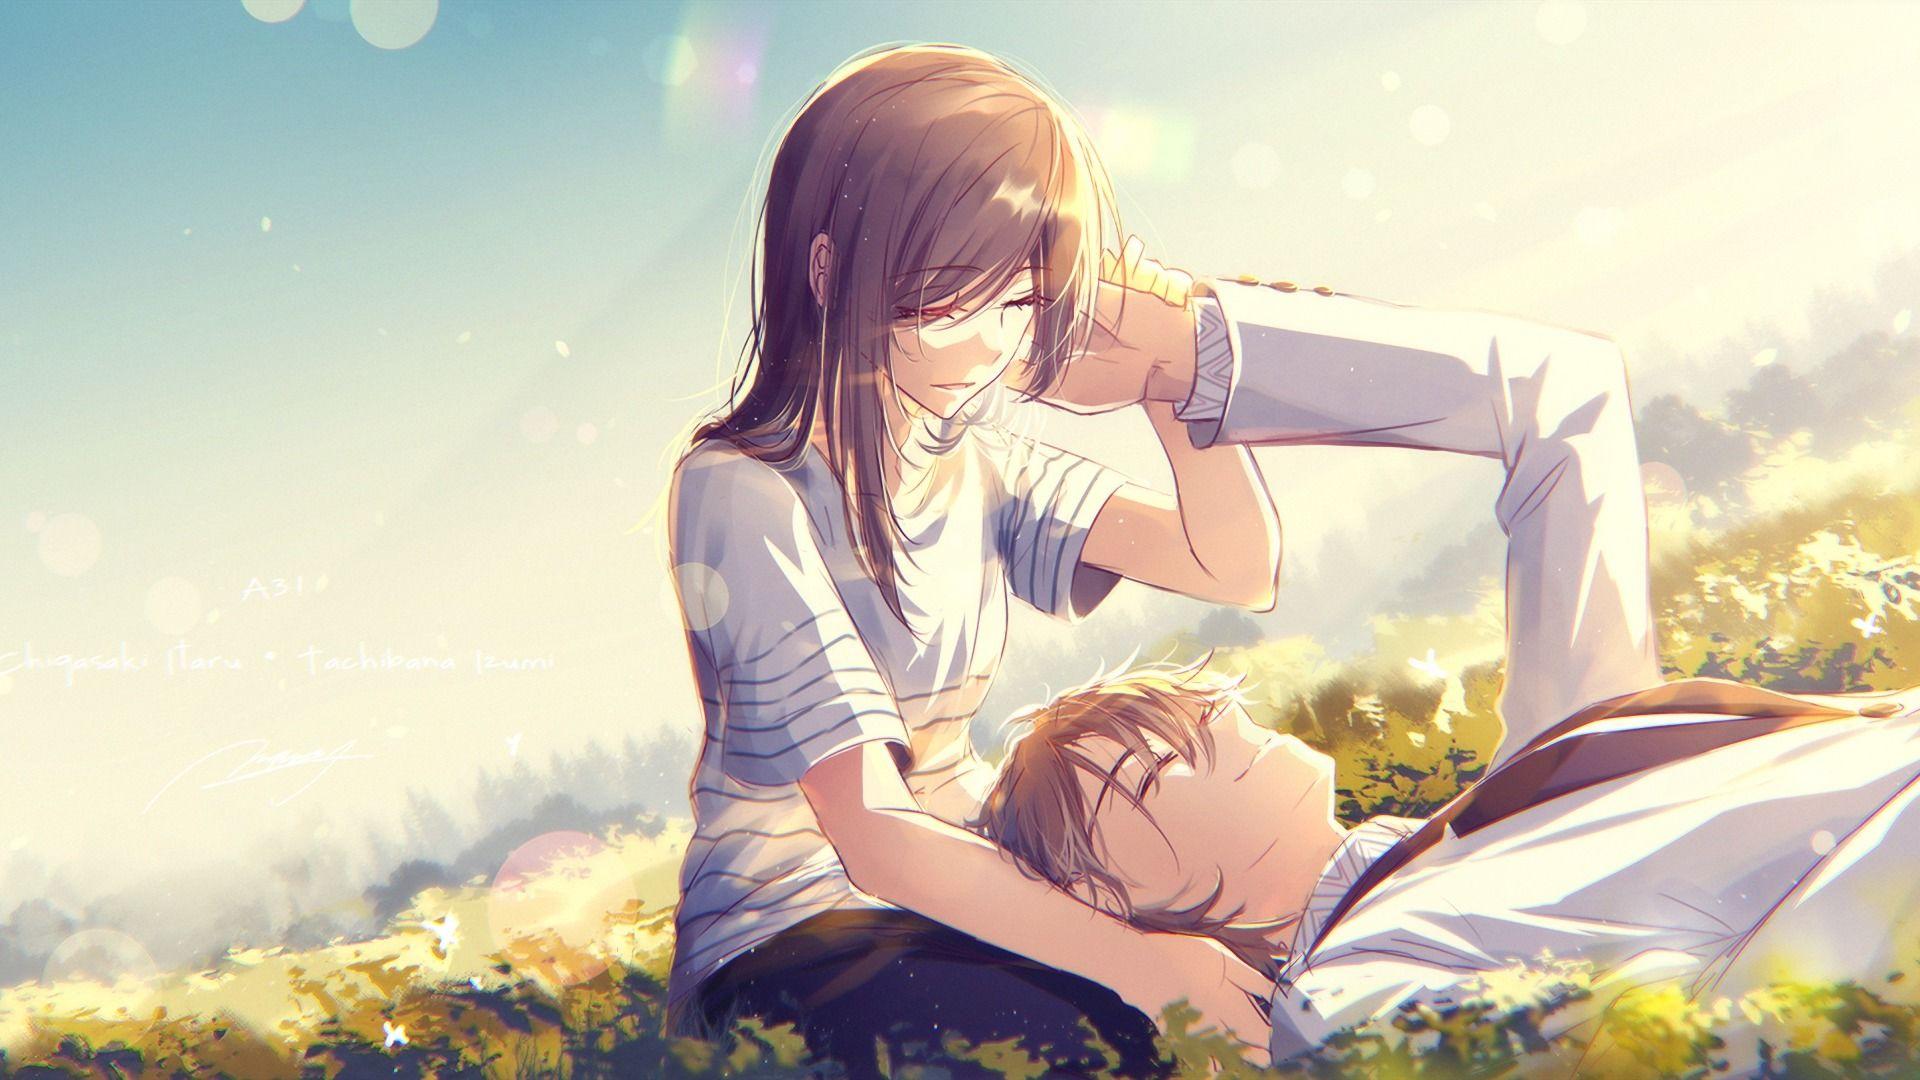 好看的图片唯美浪漫梦幻 动漫_你一个转身的瞬间,我看见了盛世的美好